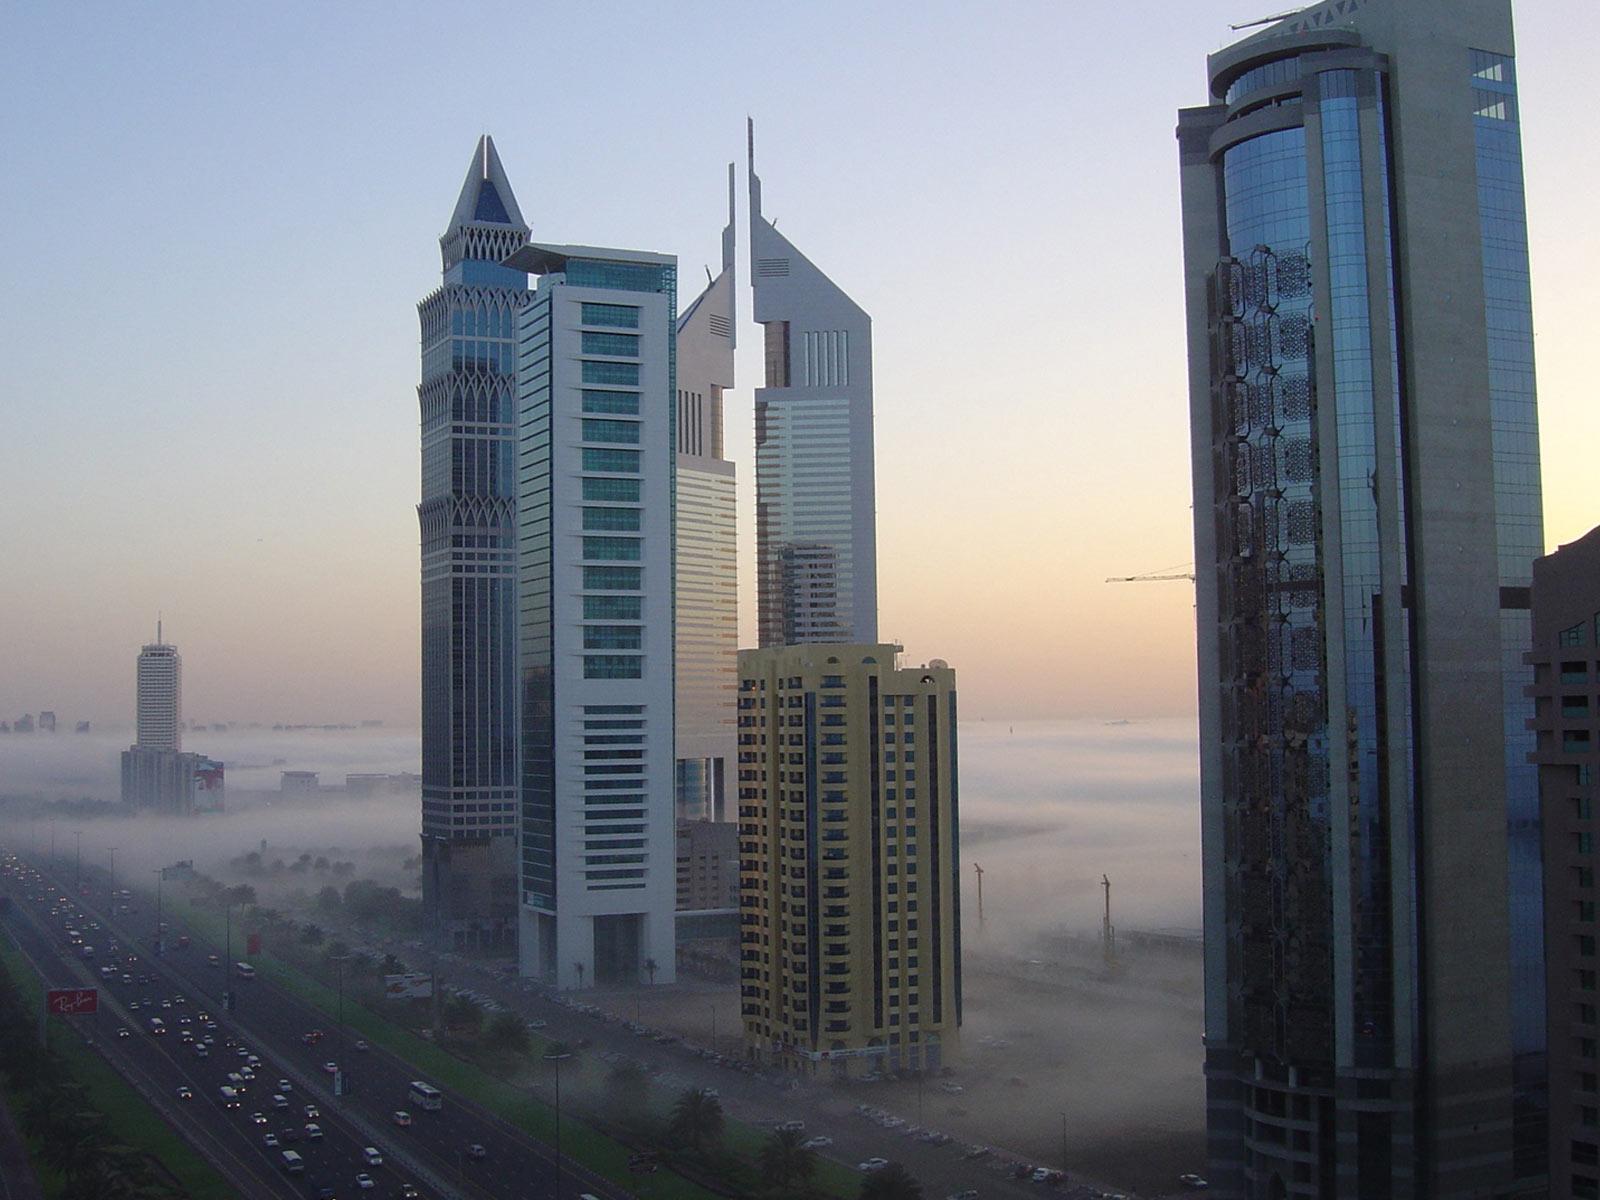 http://4.bp.blogspot.com/_xZgoPcH-q44/TNPh02wpqhI/AAAAAAAAAHA/kvk8RnH5iJg/s1600/Hotels_Dubai.jpg